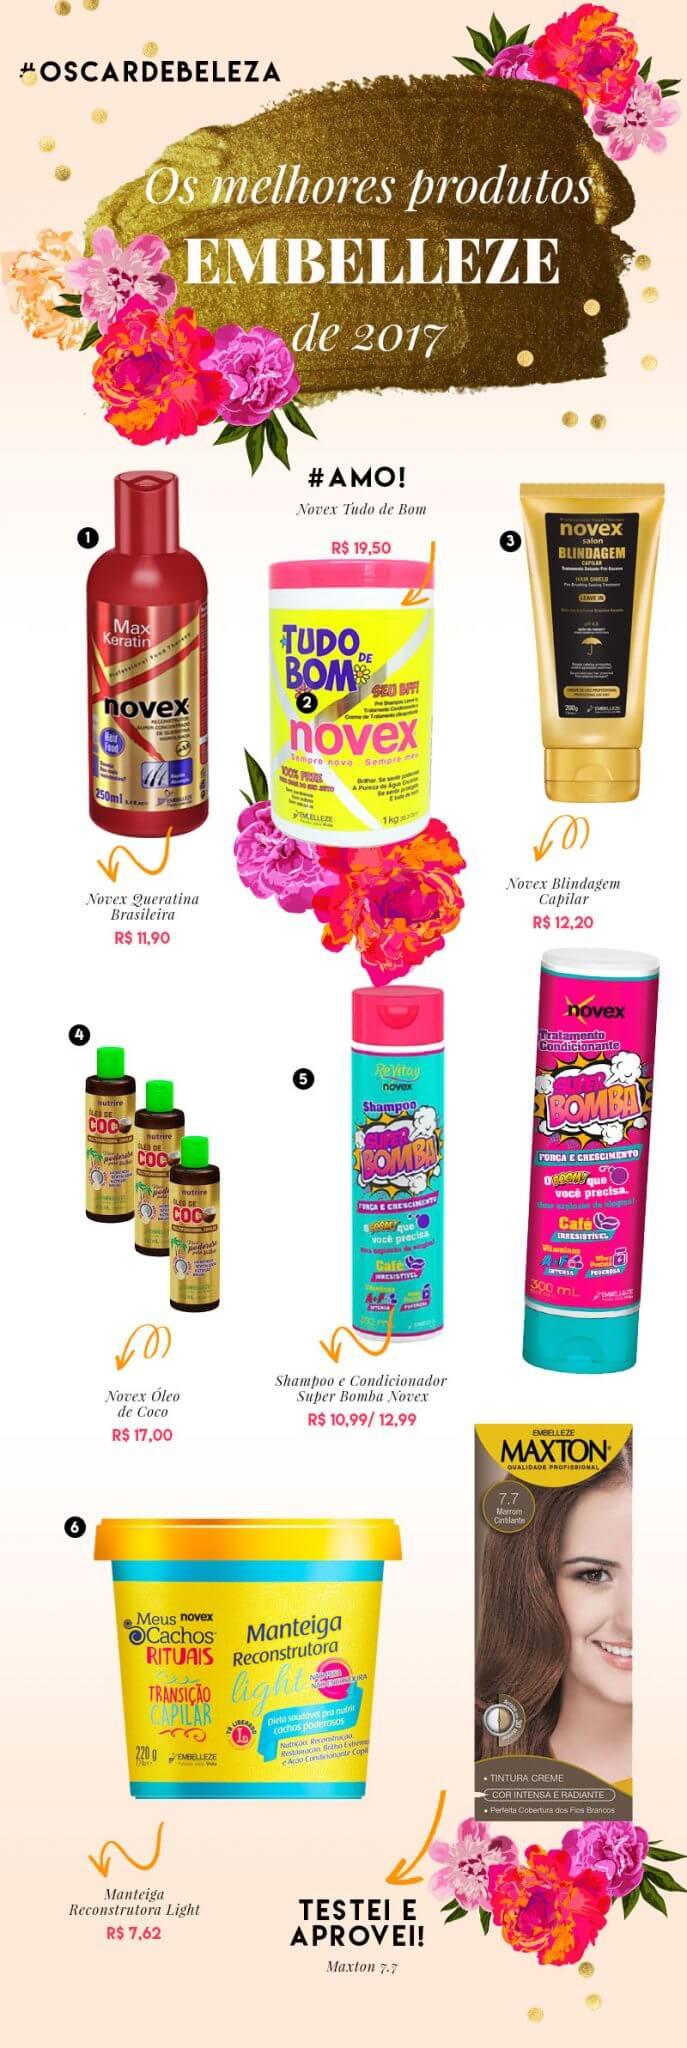 melhores produtos embelleze 2017 juro valendo